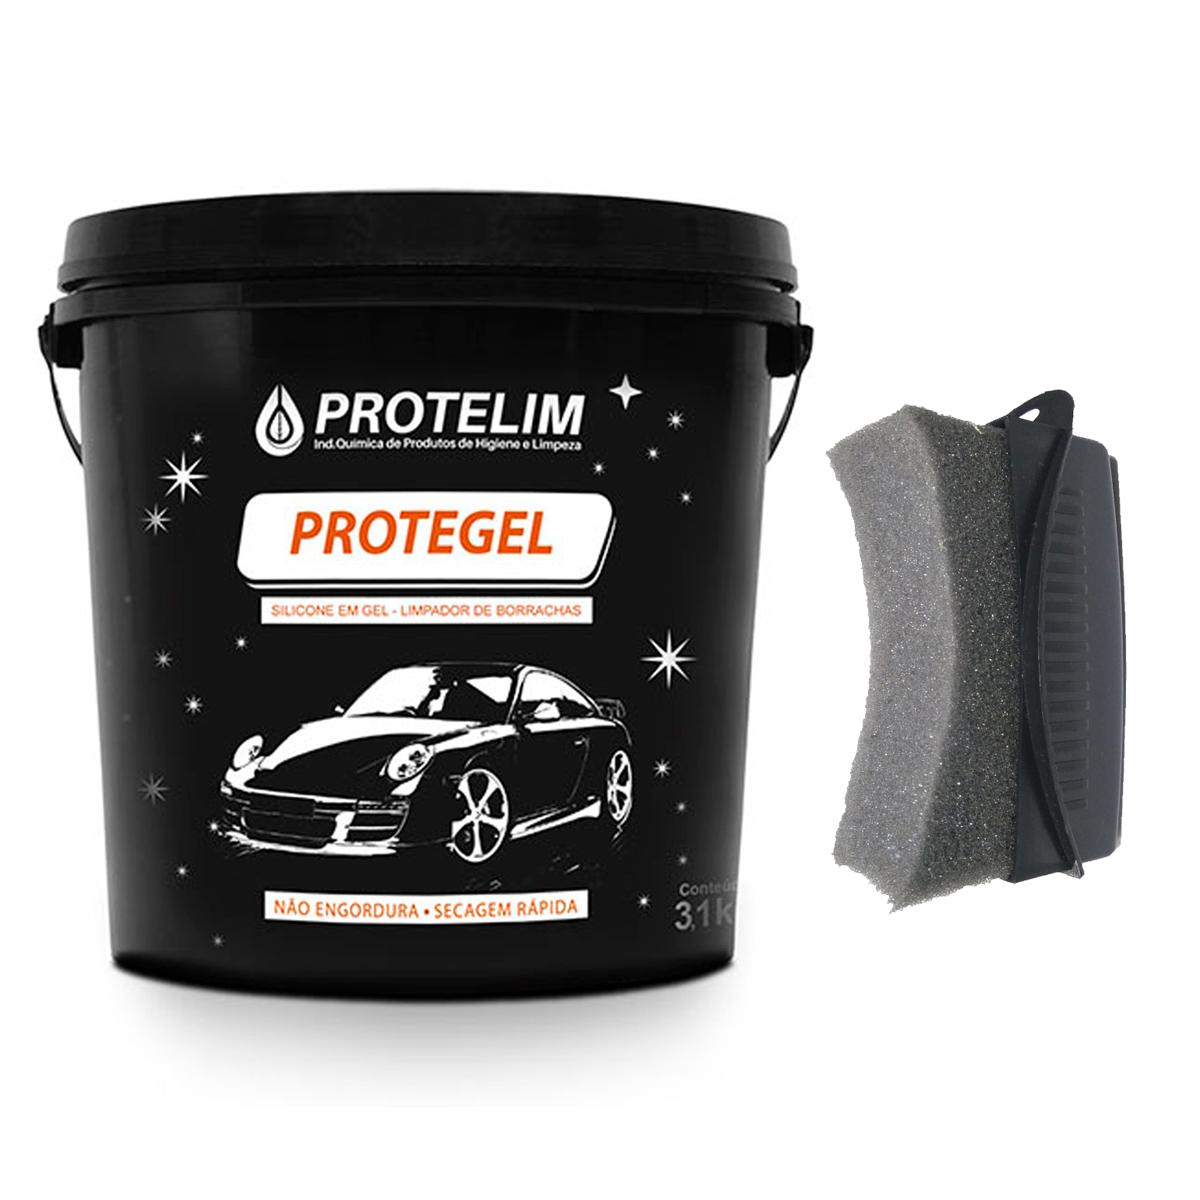 Protelim Protegel 3,1l Super Silicone Em Gel Alto Rendimento + Brinde Aplicador Pretinho